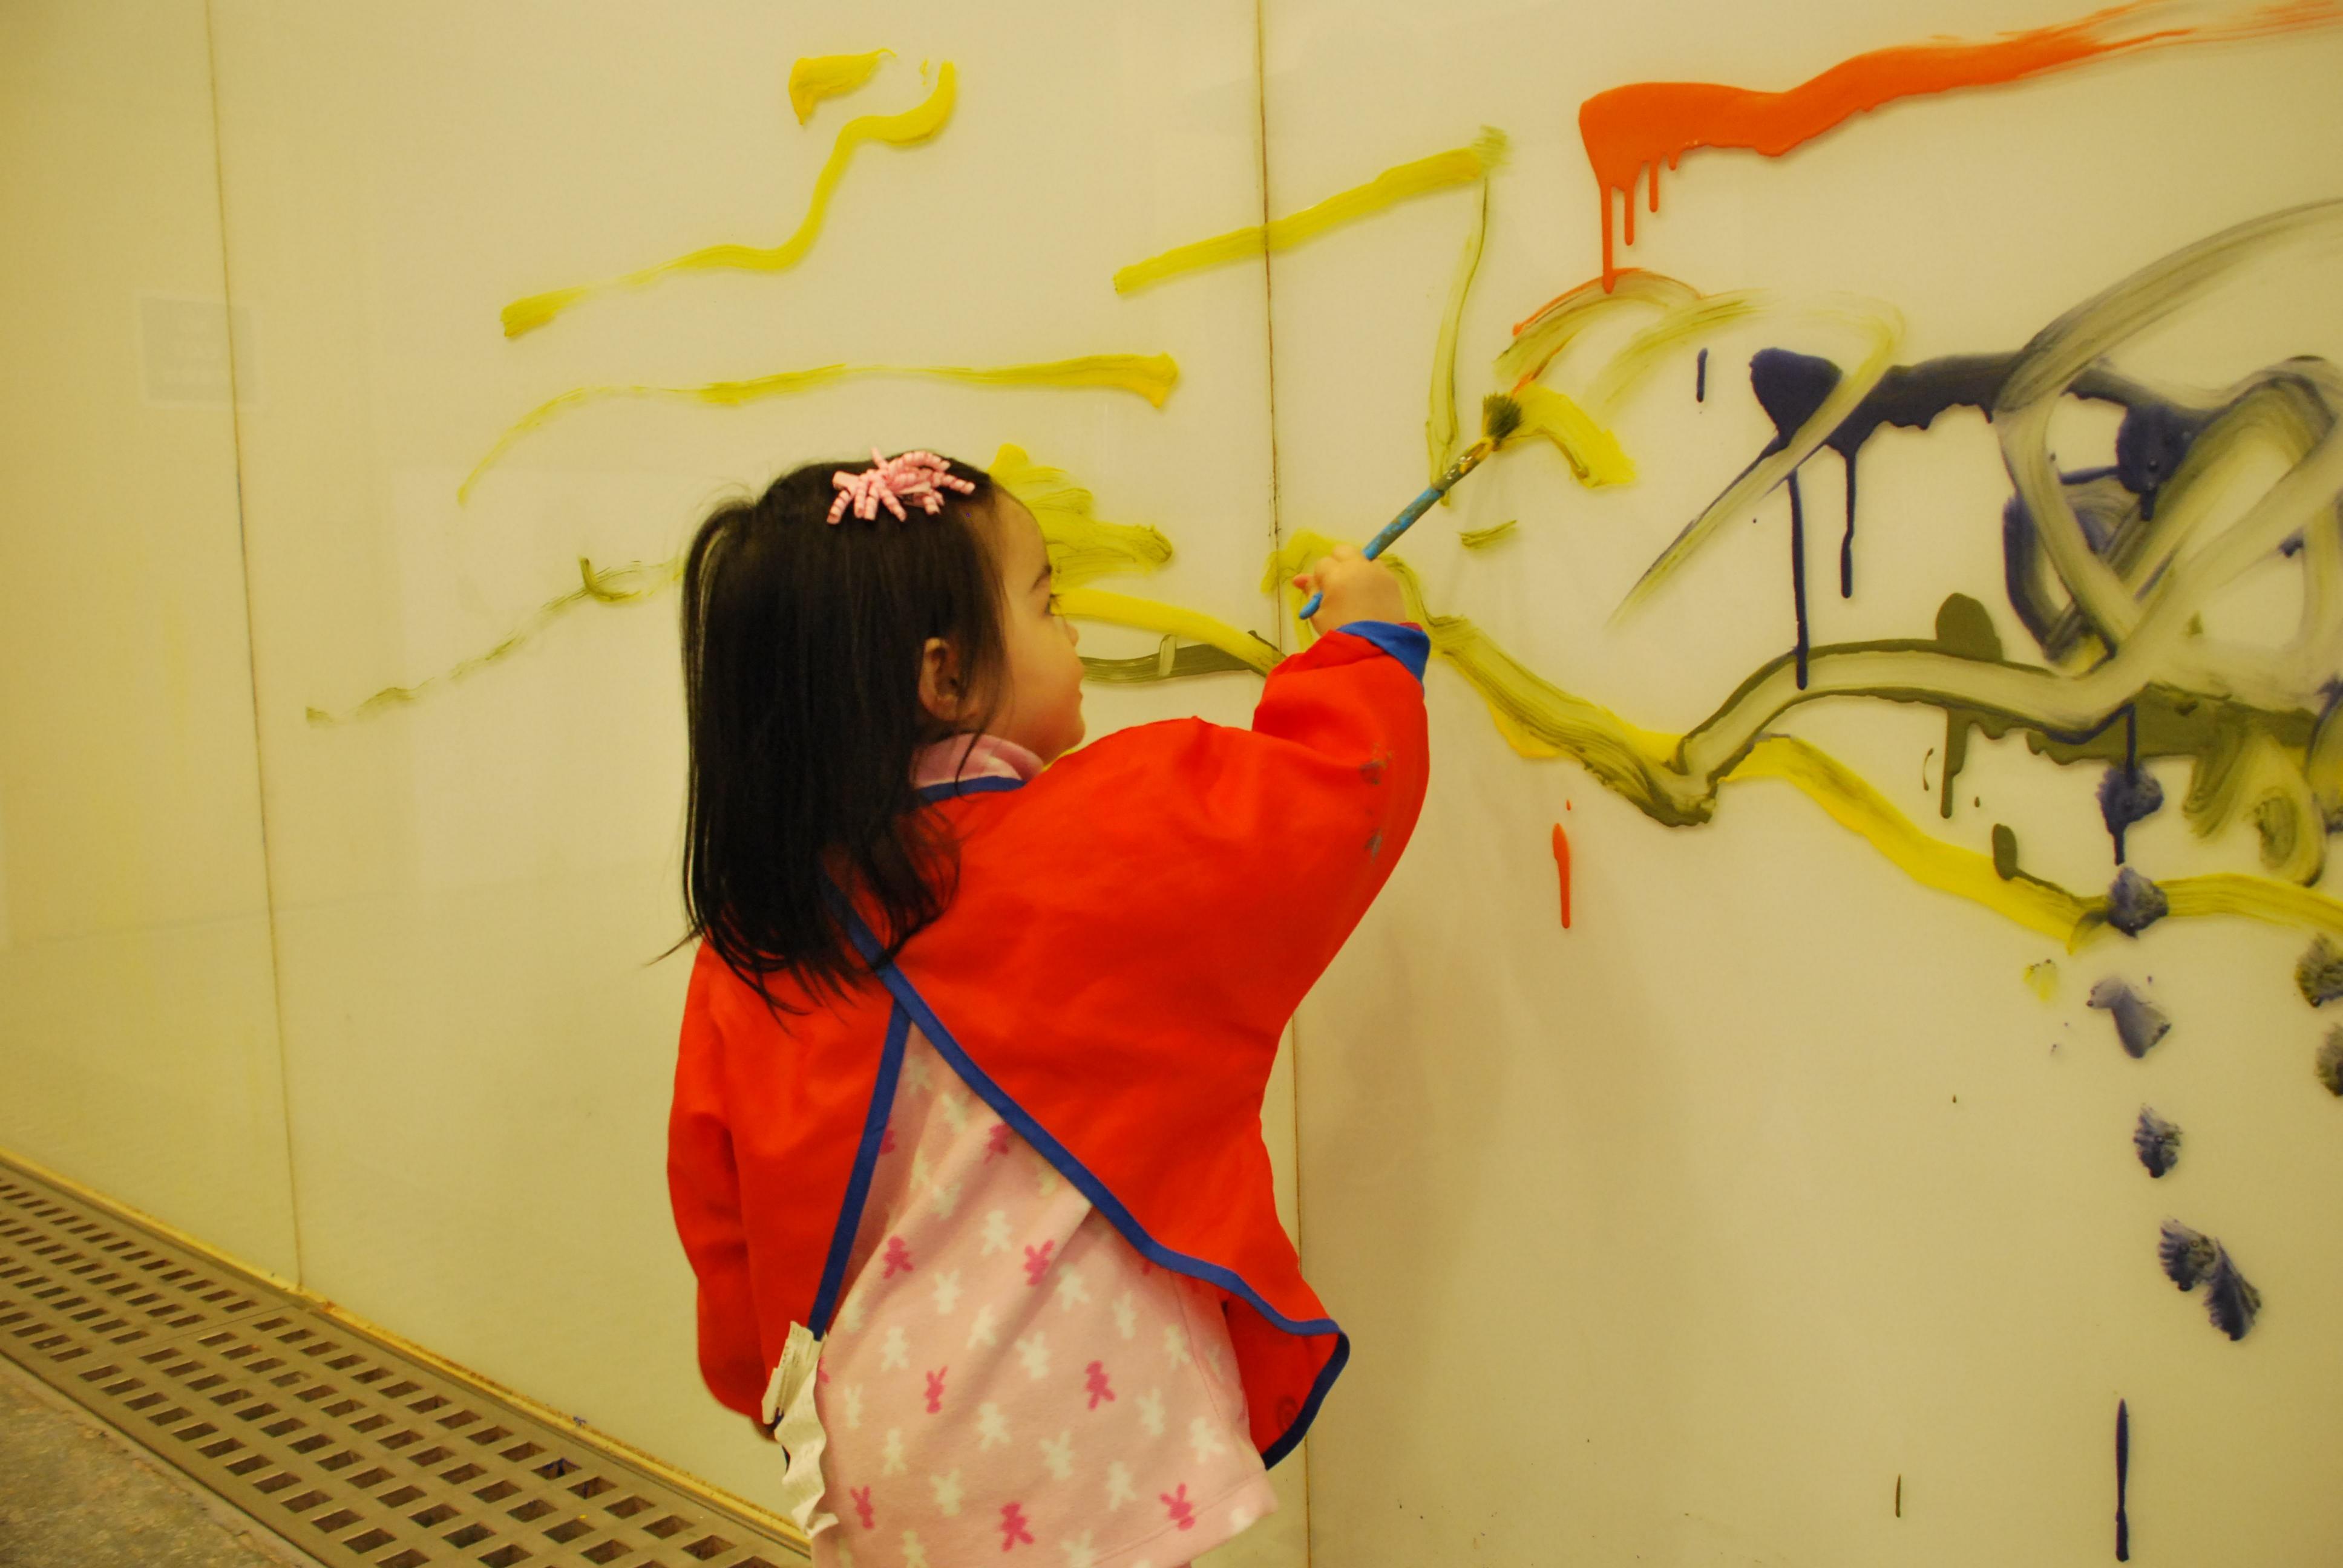 室内四周是玻璃墙,儿童可任意用水彩在墙上绘画